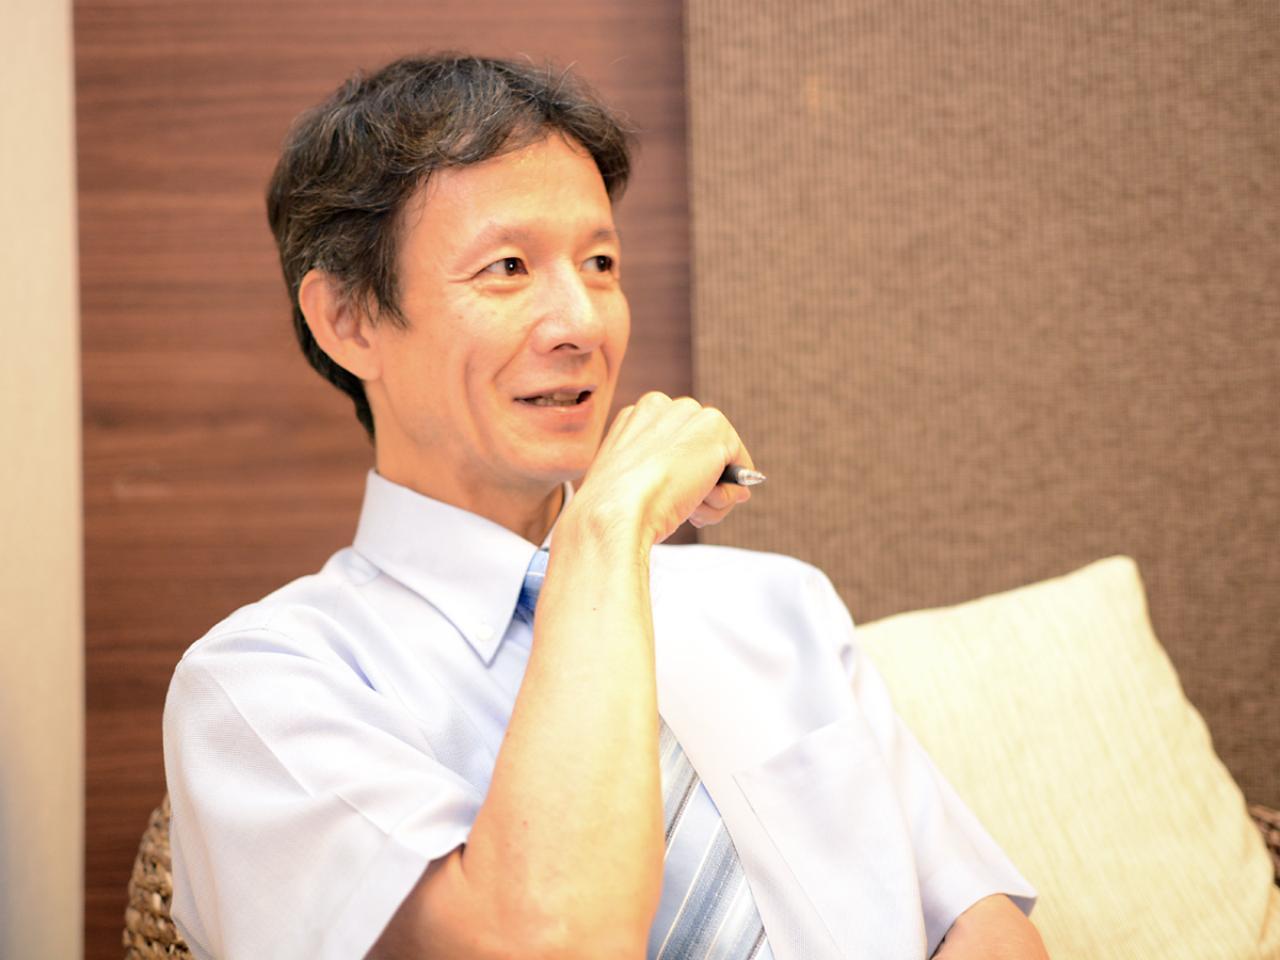 画像: 岩崎克治|Katsuji IWASAKI 株式会社メディヴァ取締役。大阪大学基礎工学部大学院修了。分散アルゴリズム論を専攻。マッキンゼー・アンド・カンパニーのコンサルタントを経て(株)インクス入社。新規事業の立上げ、パイロット工場の工場長、クライアント企業の製品開発プロセス改革に携わったのち、2002年㈱メディヴァに参画。 mediva.co.jp